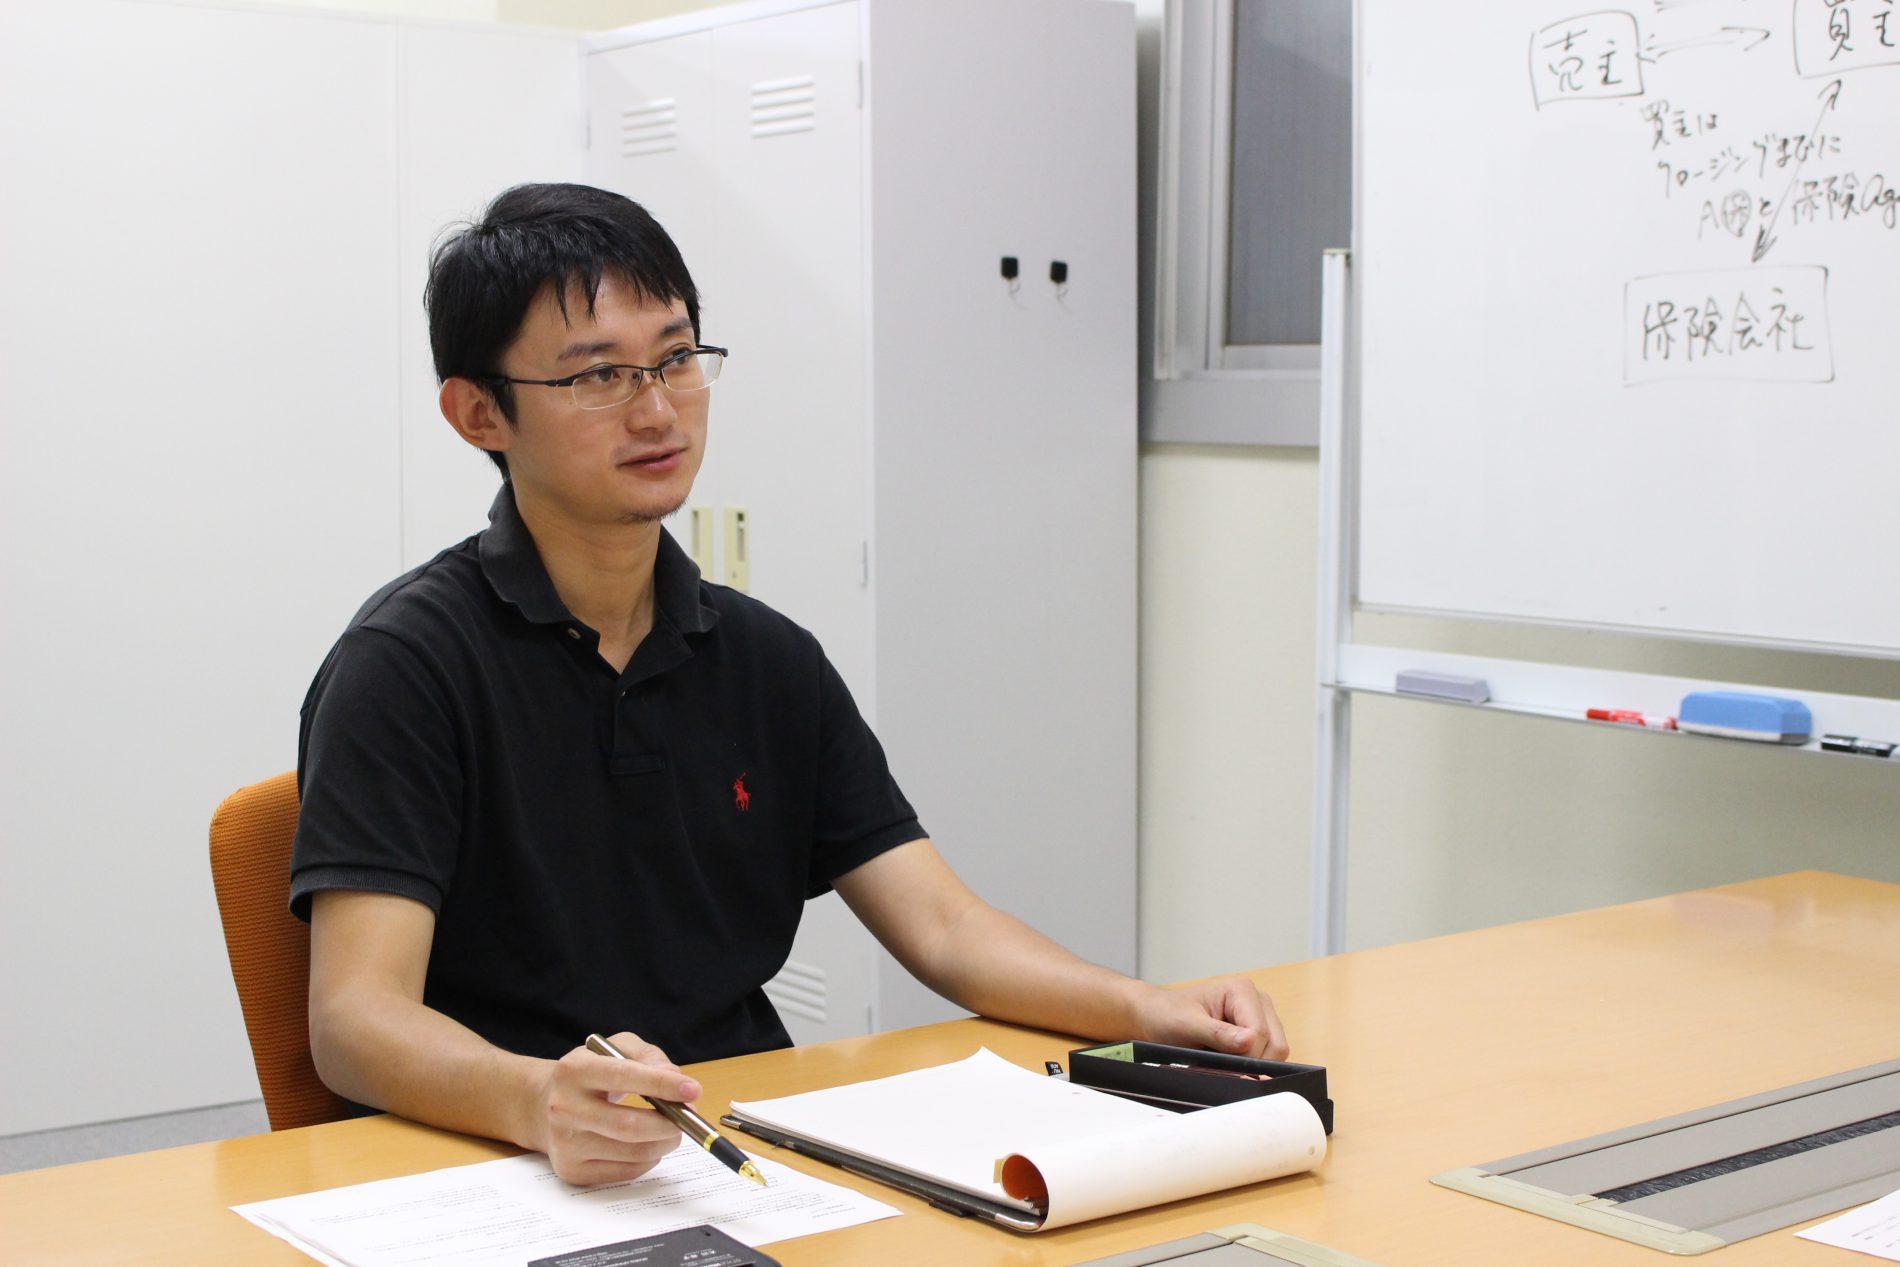 村永 俊暁さんのインタビューシーン4